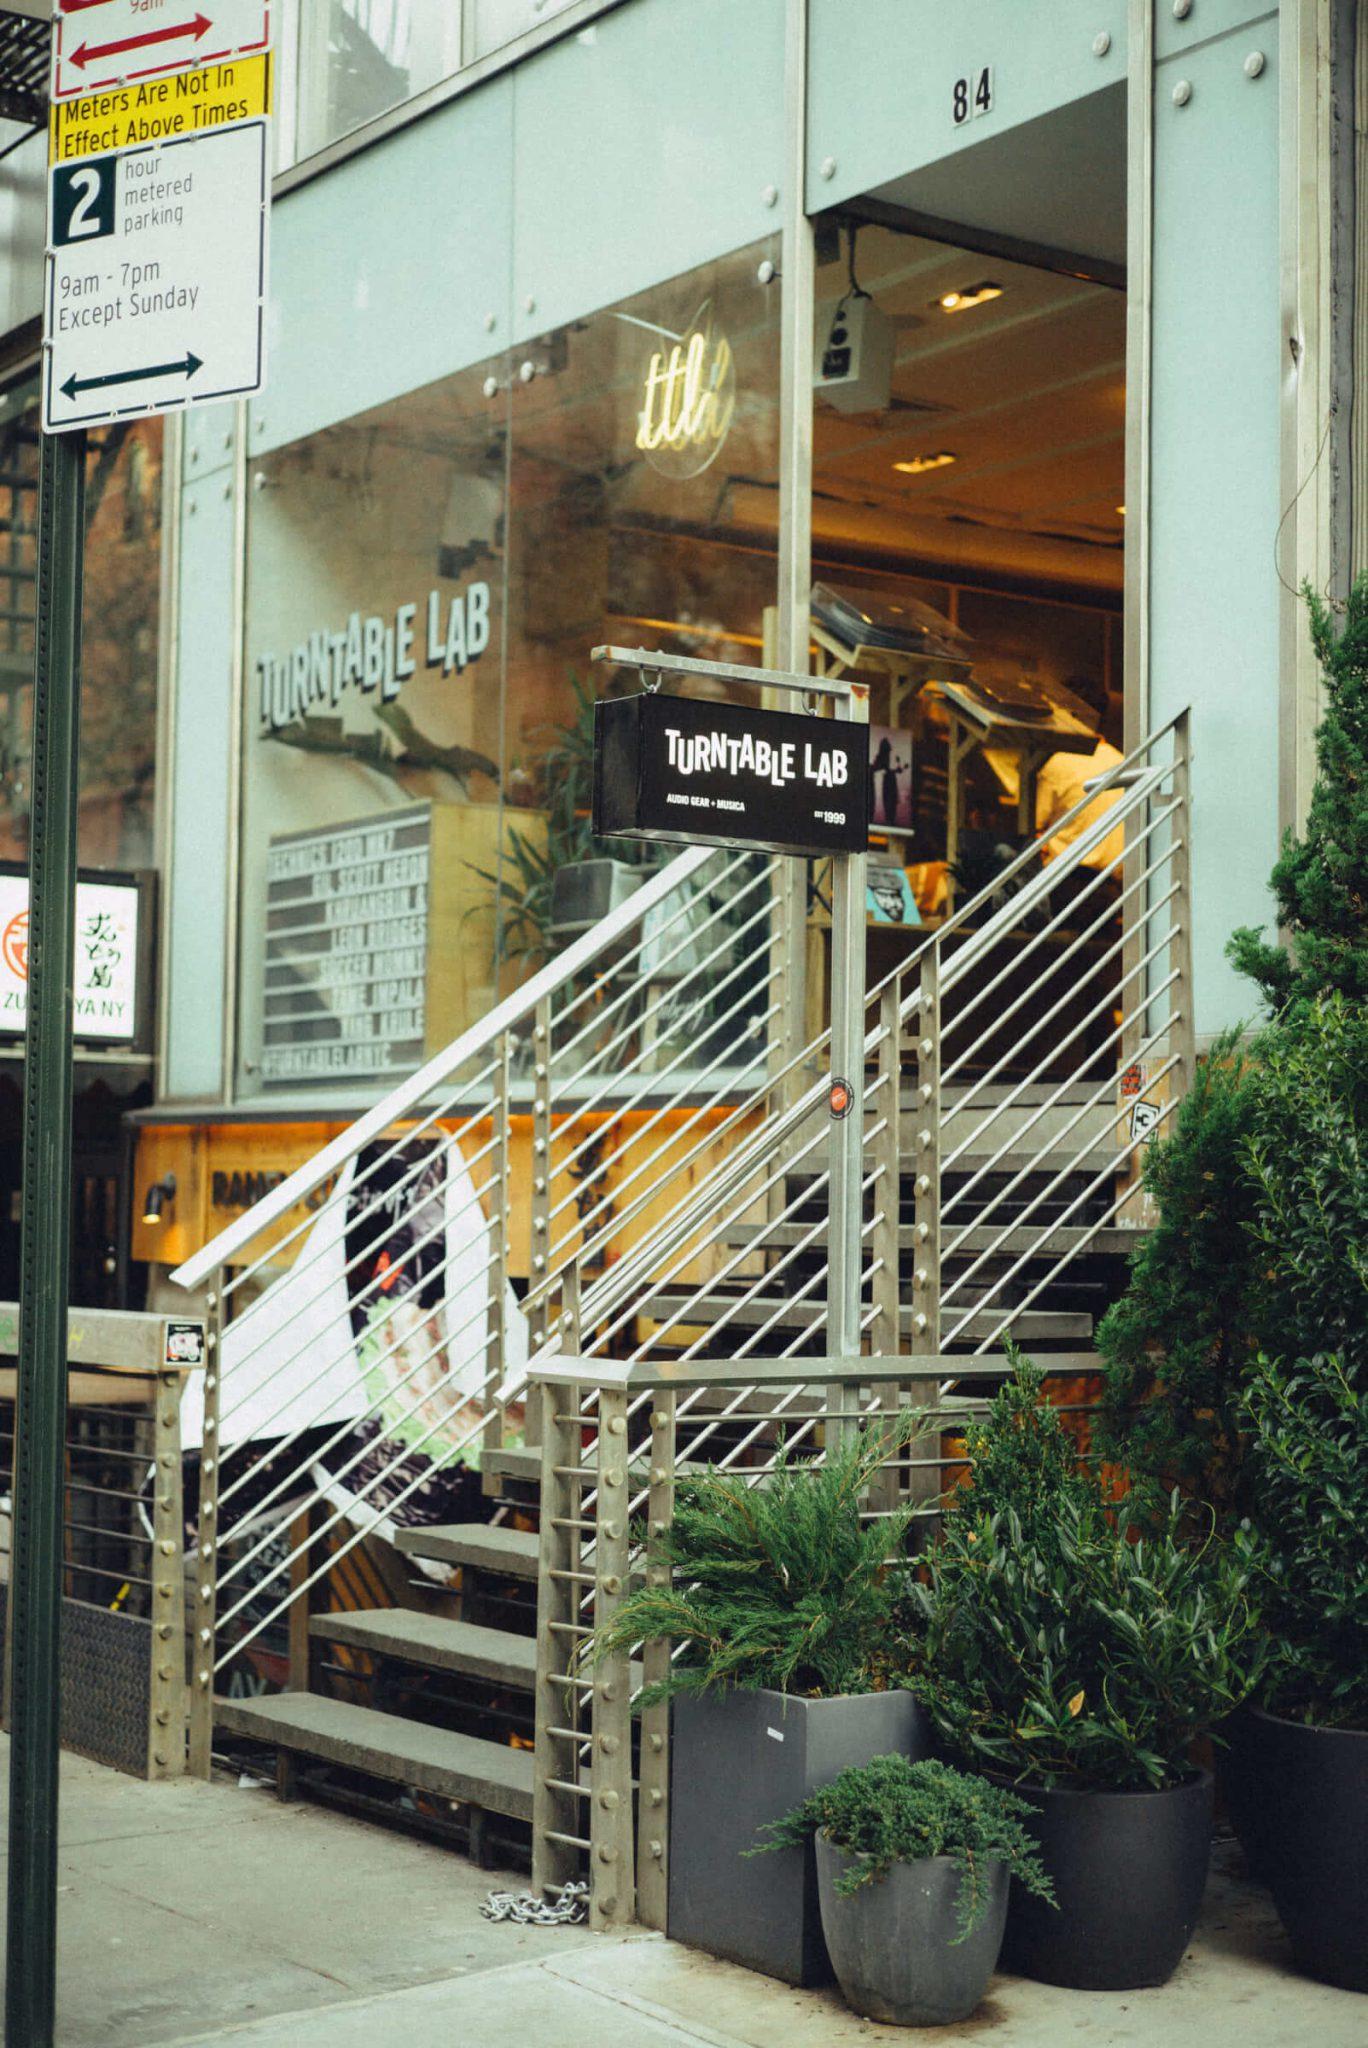 15_3920_AT_TTL-1440x2156 1999年、NYC・大学寮の一室で始まったレコードショップの現在。すべてのDJに開かれた店「Turntable Lab」